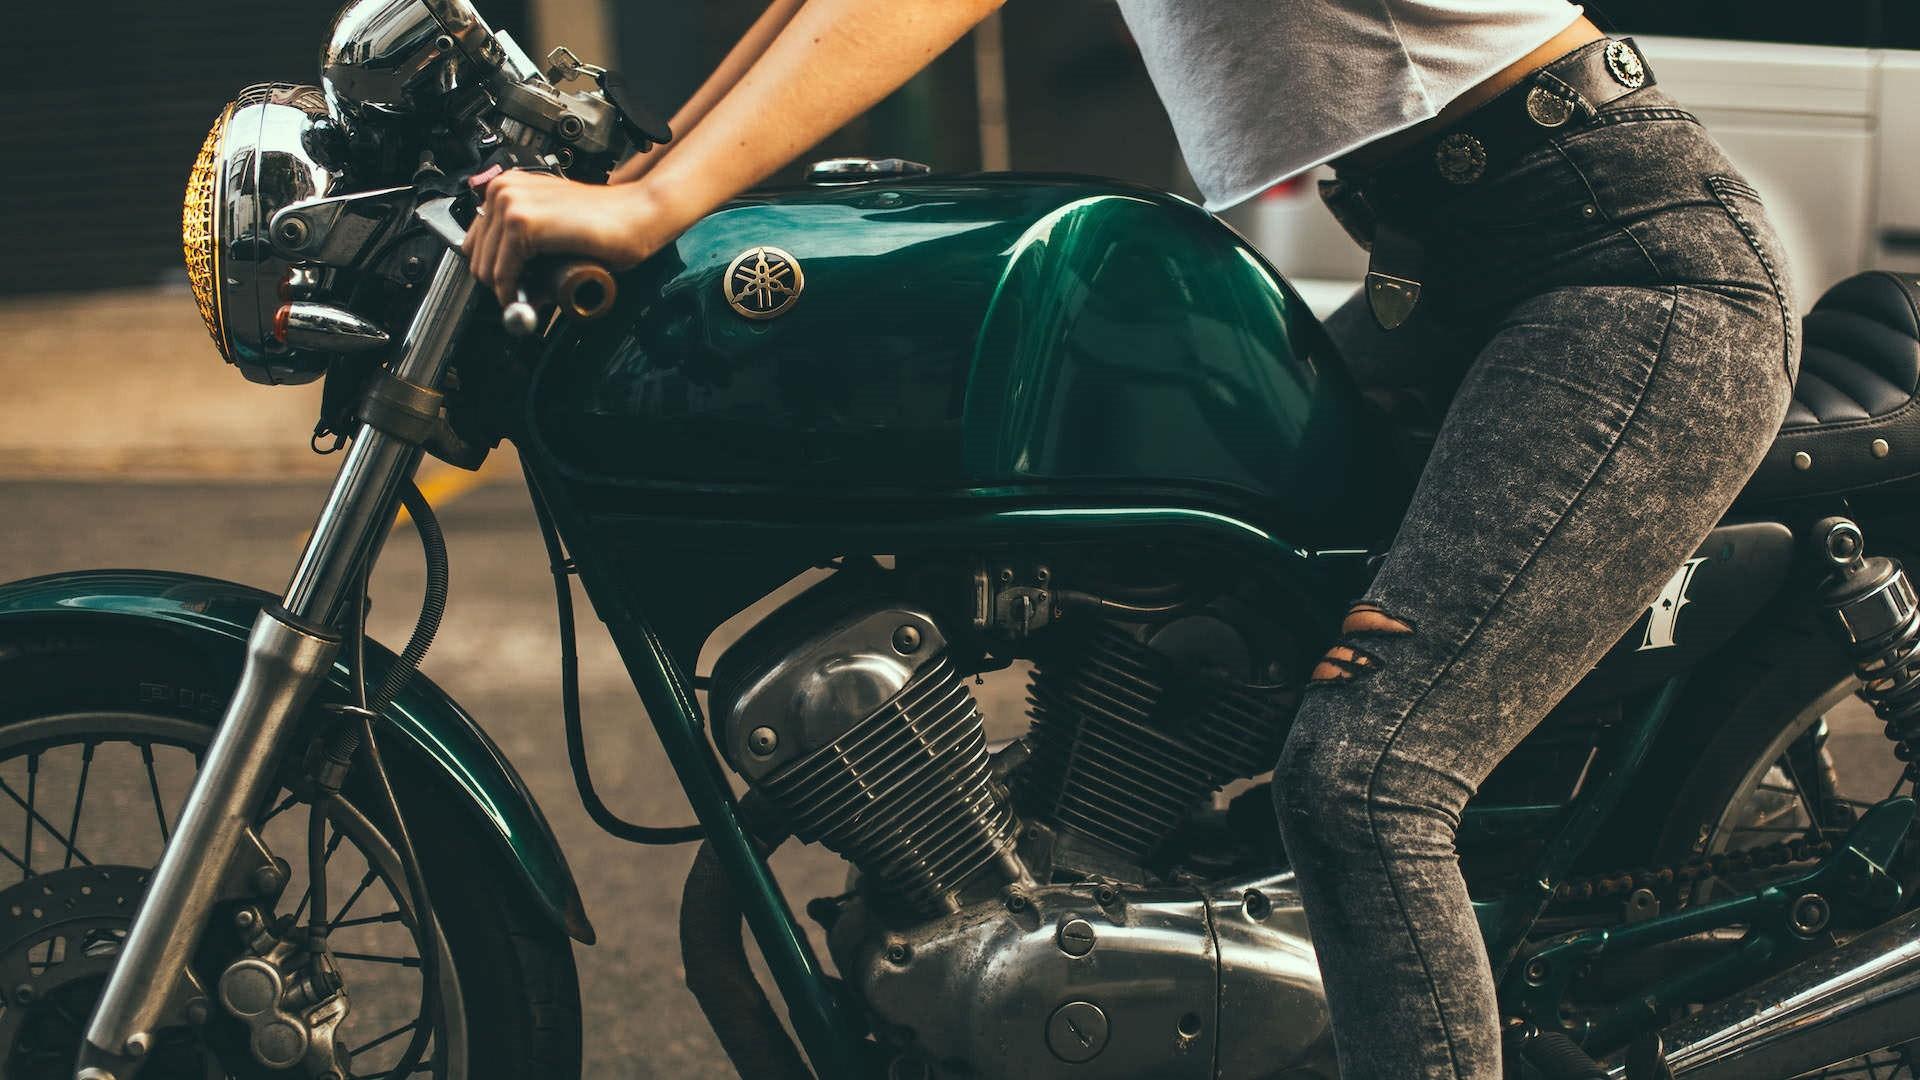 Hình nền : những người, đàn bà, mô hình, Xe đạp, chân, xe máy, Quần jean bị rách, Xe đạp tốc độ, Yamaha SRV250, Phụ nữ có xe đạp, Lái xe mô ...